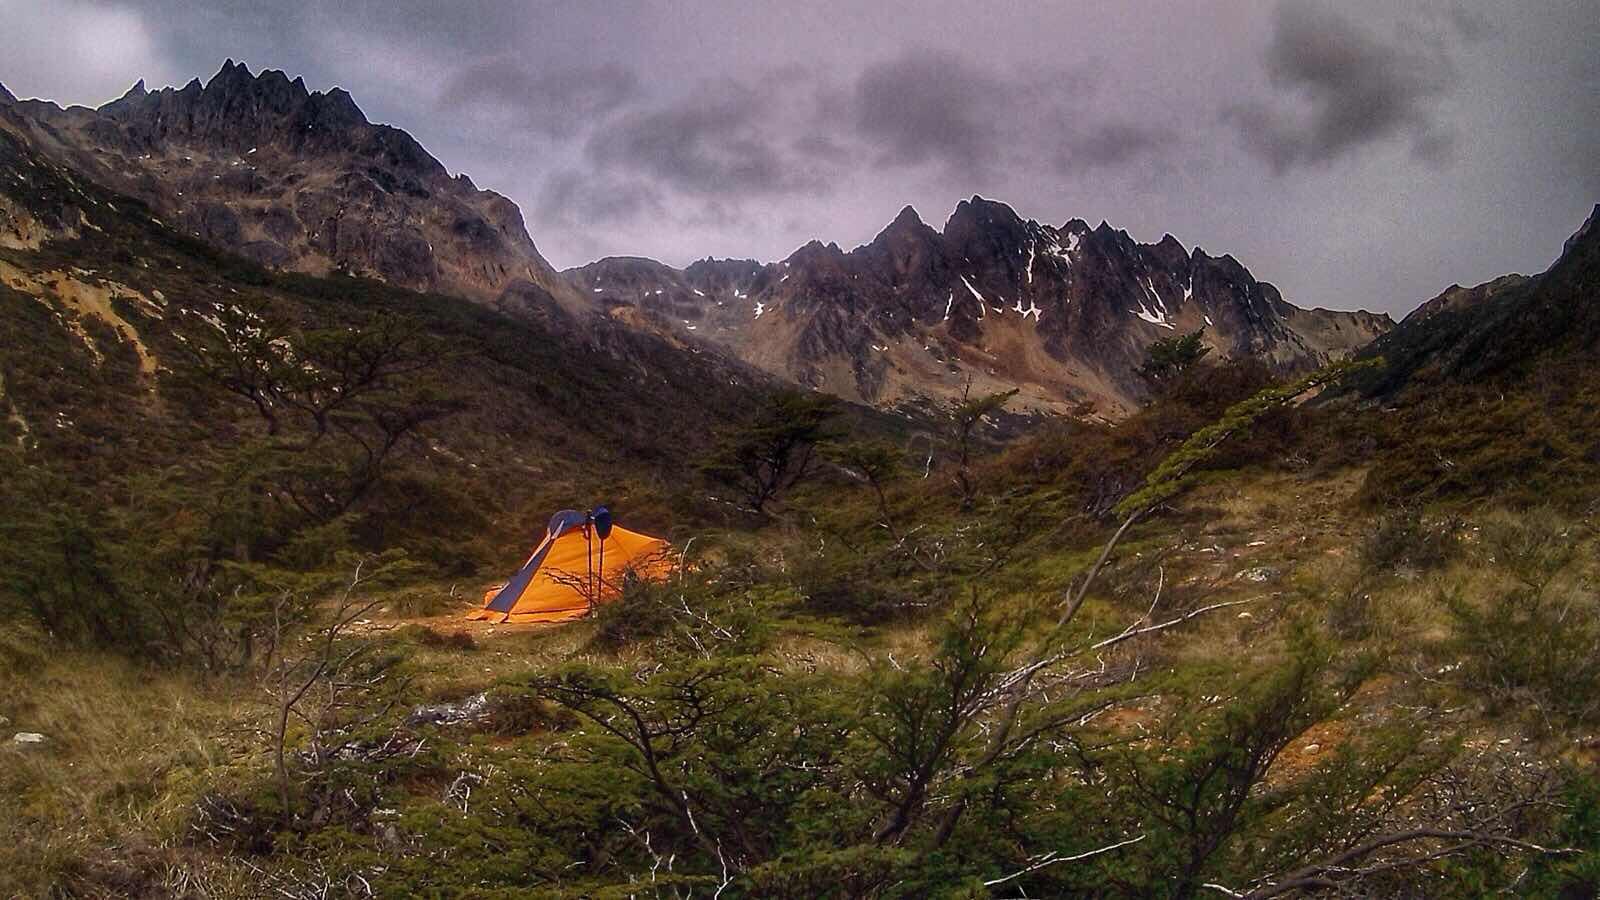 Camping in Tierra del Fuego, Argentina